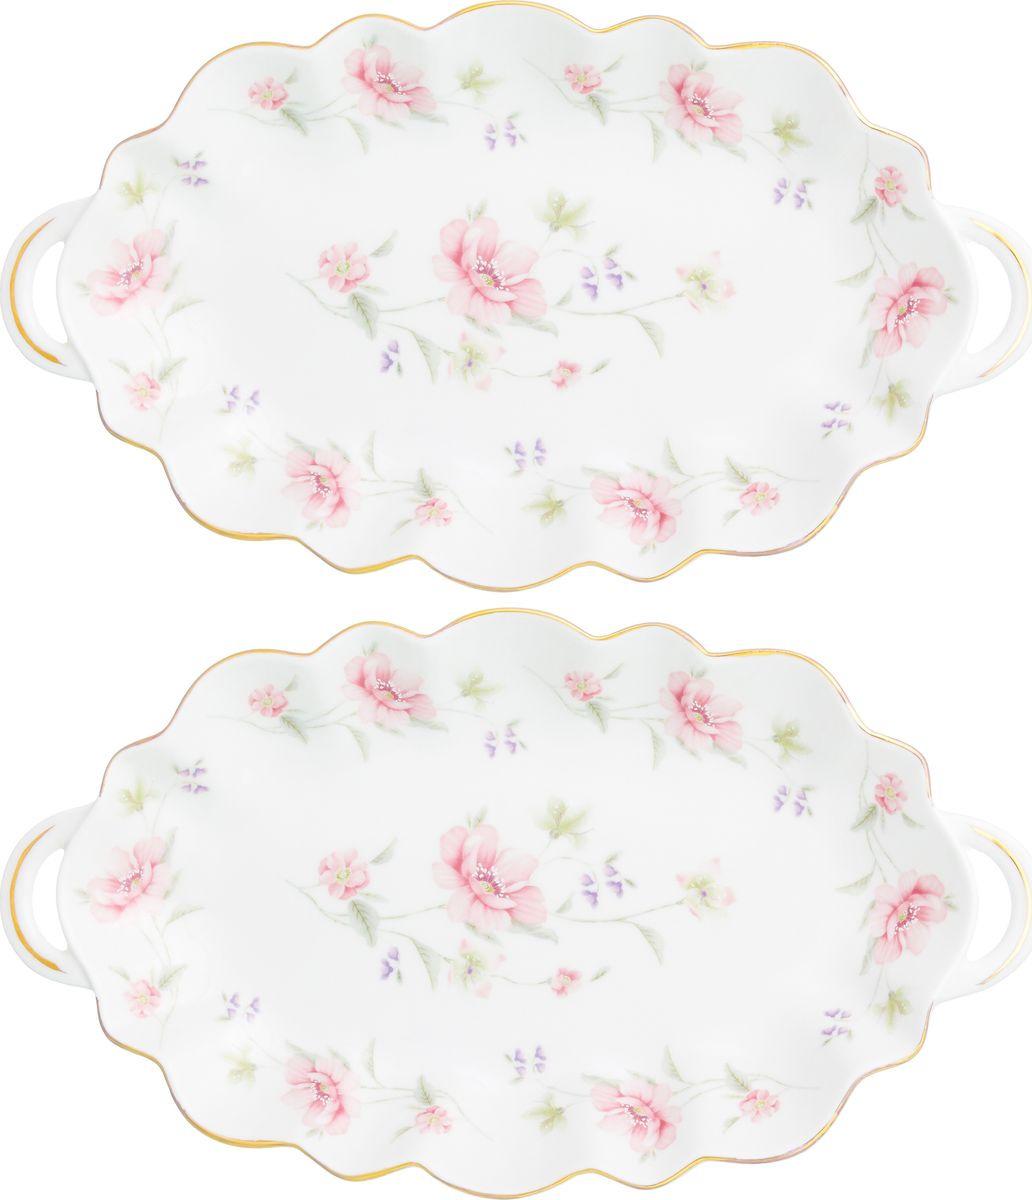 Блюдо Elan Gallery Диана для нарезки, 740336_2, белый, розовый, 2 шт наборы для чаепития elan gallery чайный набор диана